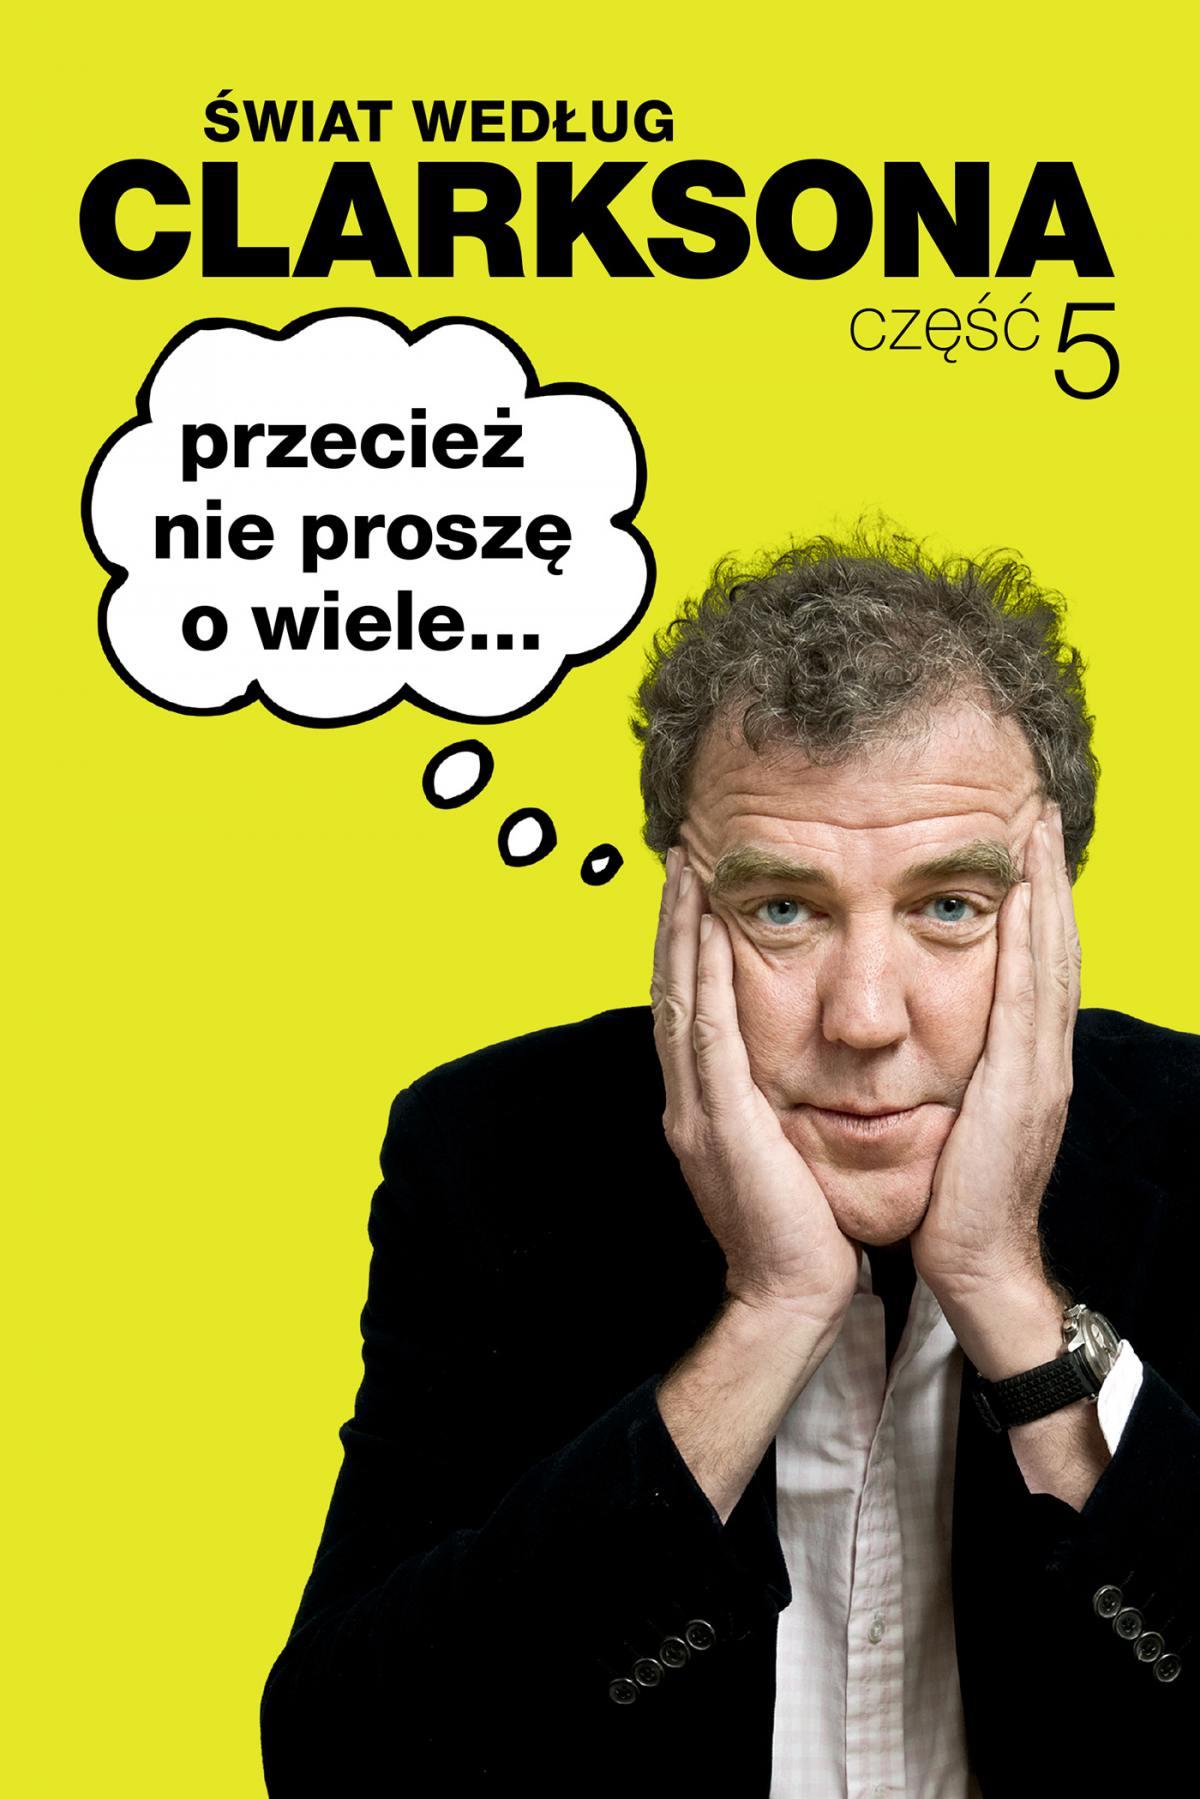 Świat według Clarksona 5. Przecież nie proszę o wiele... - Ebook (Książka EPUB) do pobrania w formacie EPUB